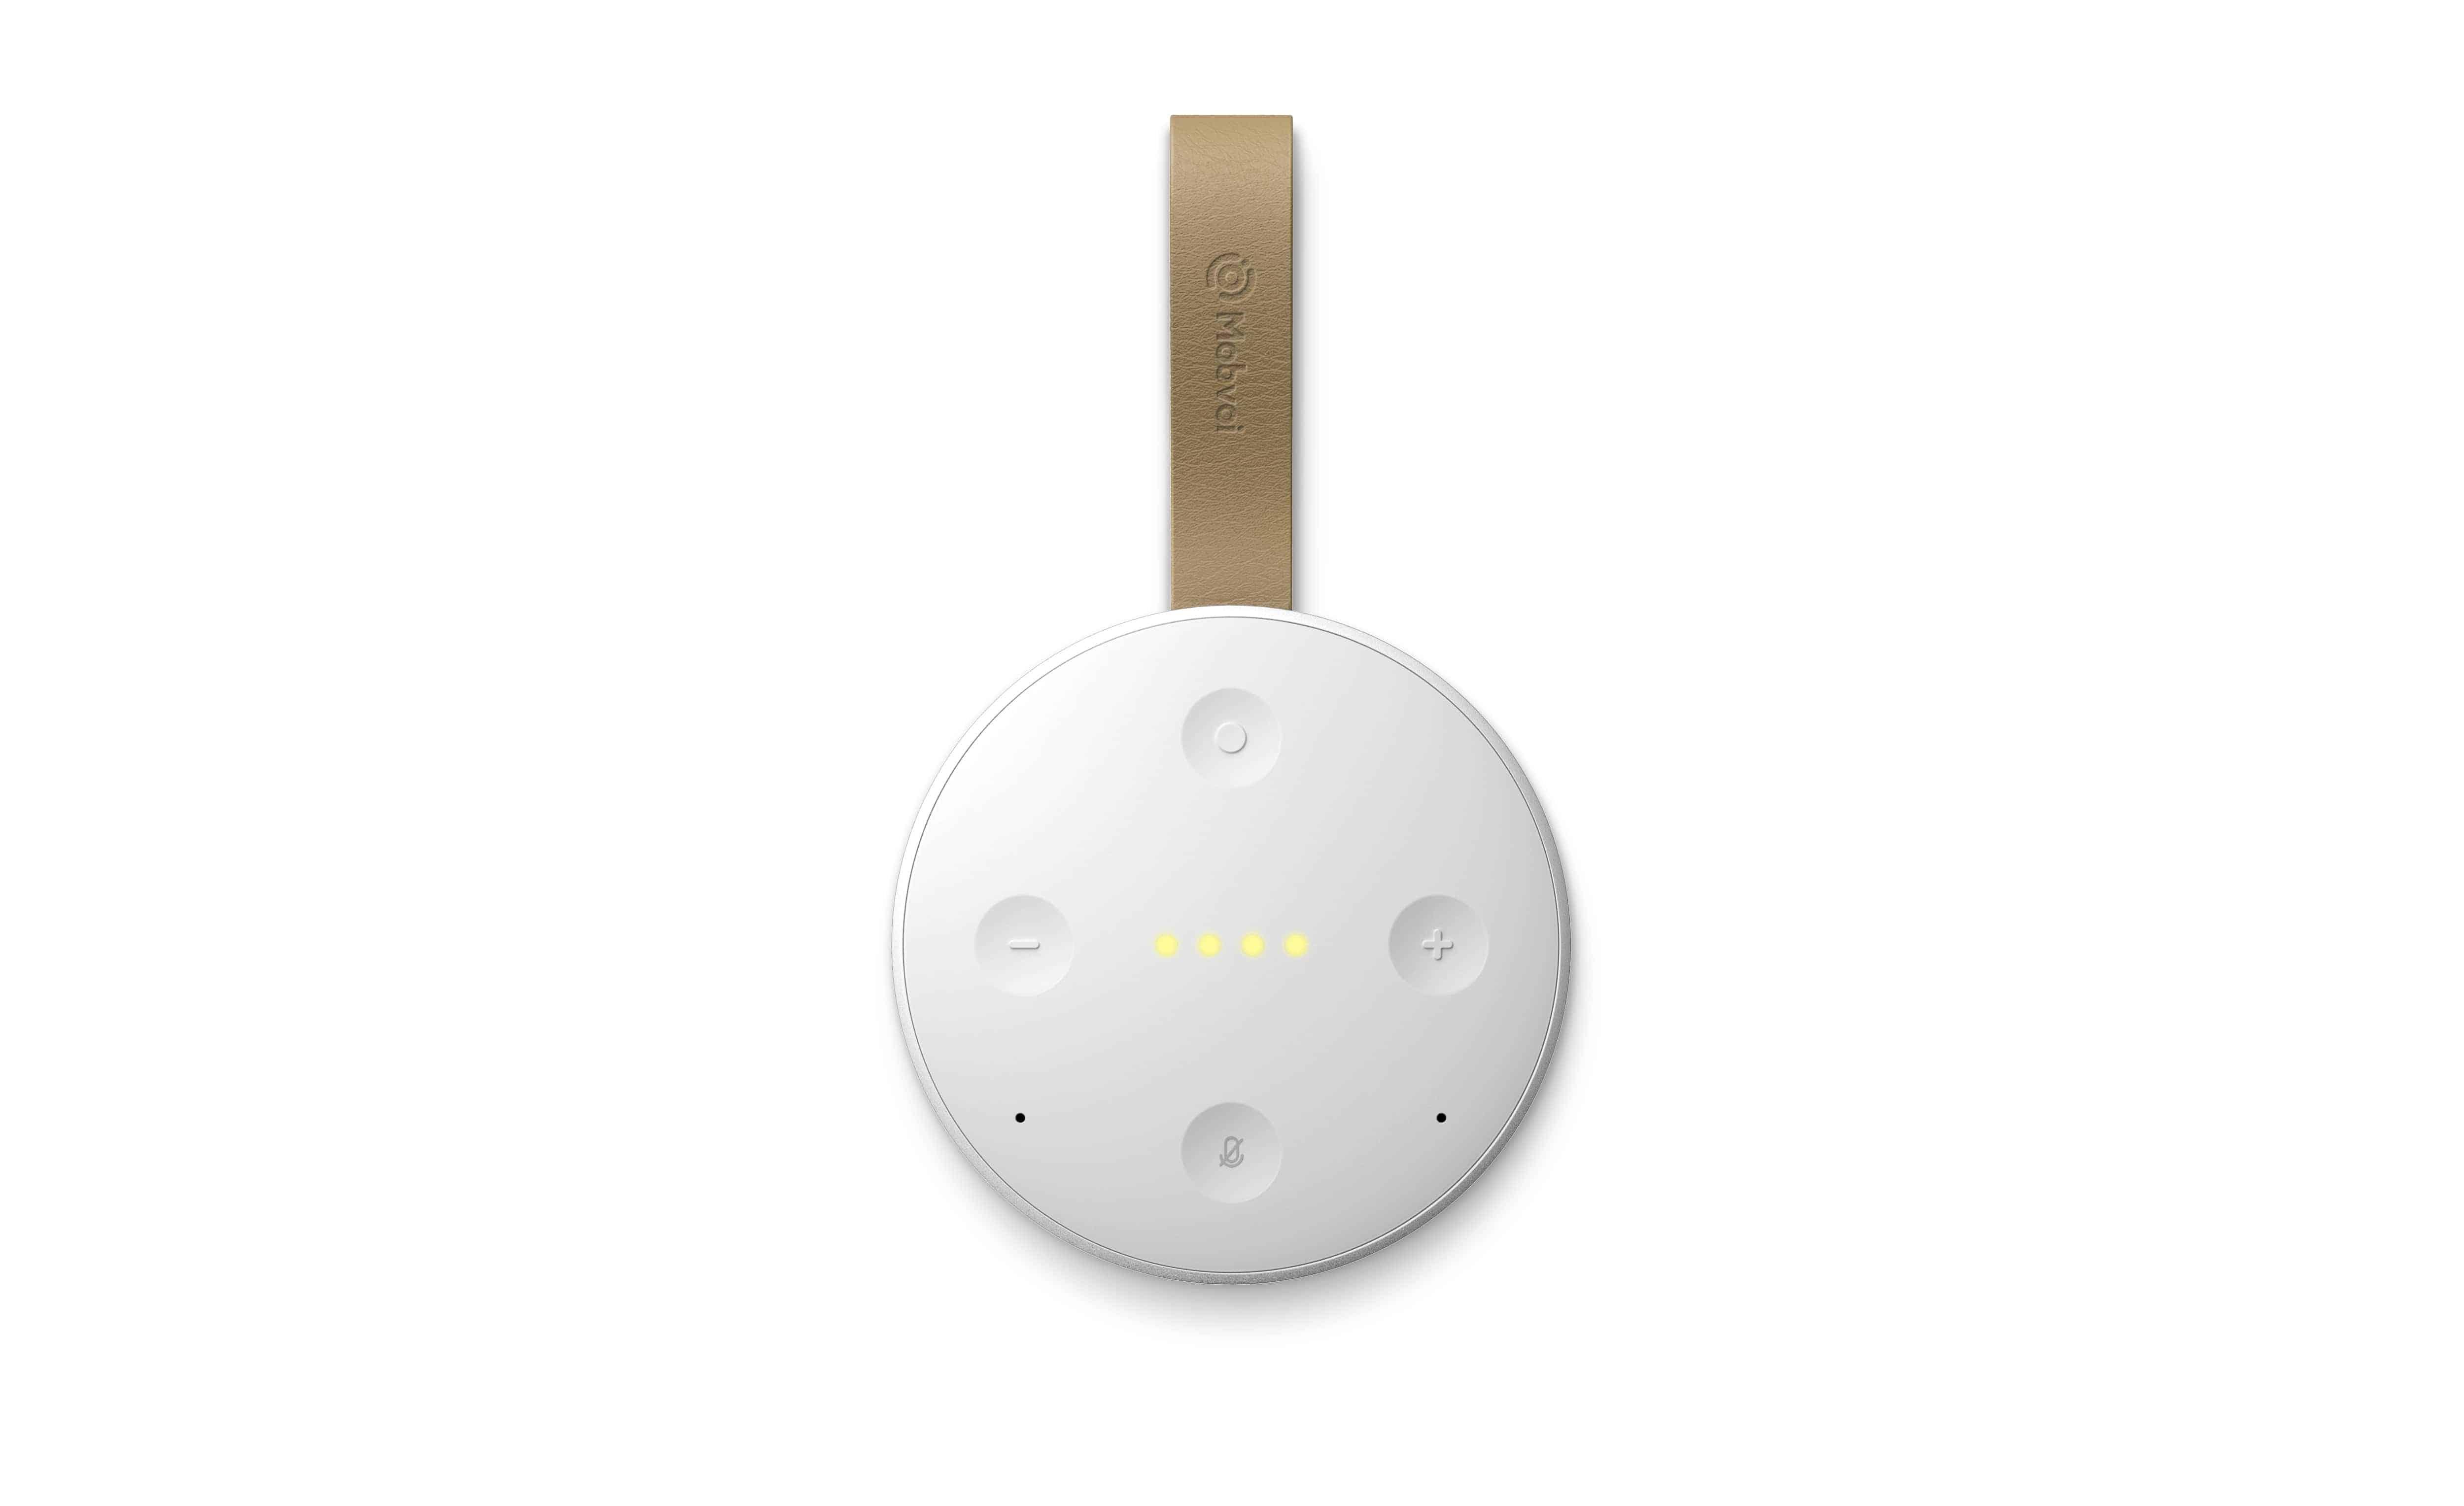 TicHome Mini White 4